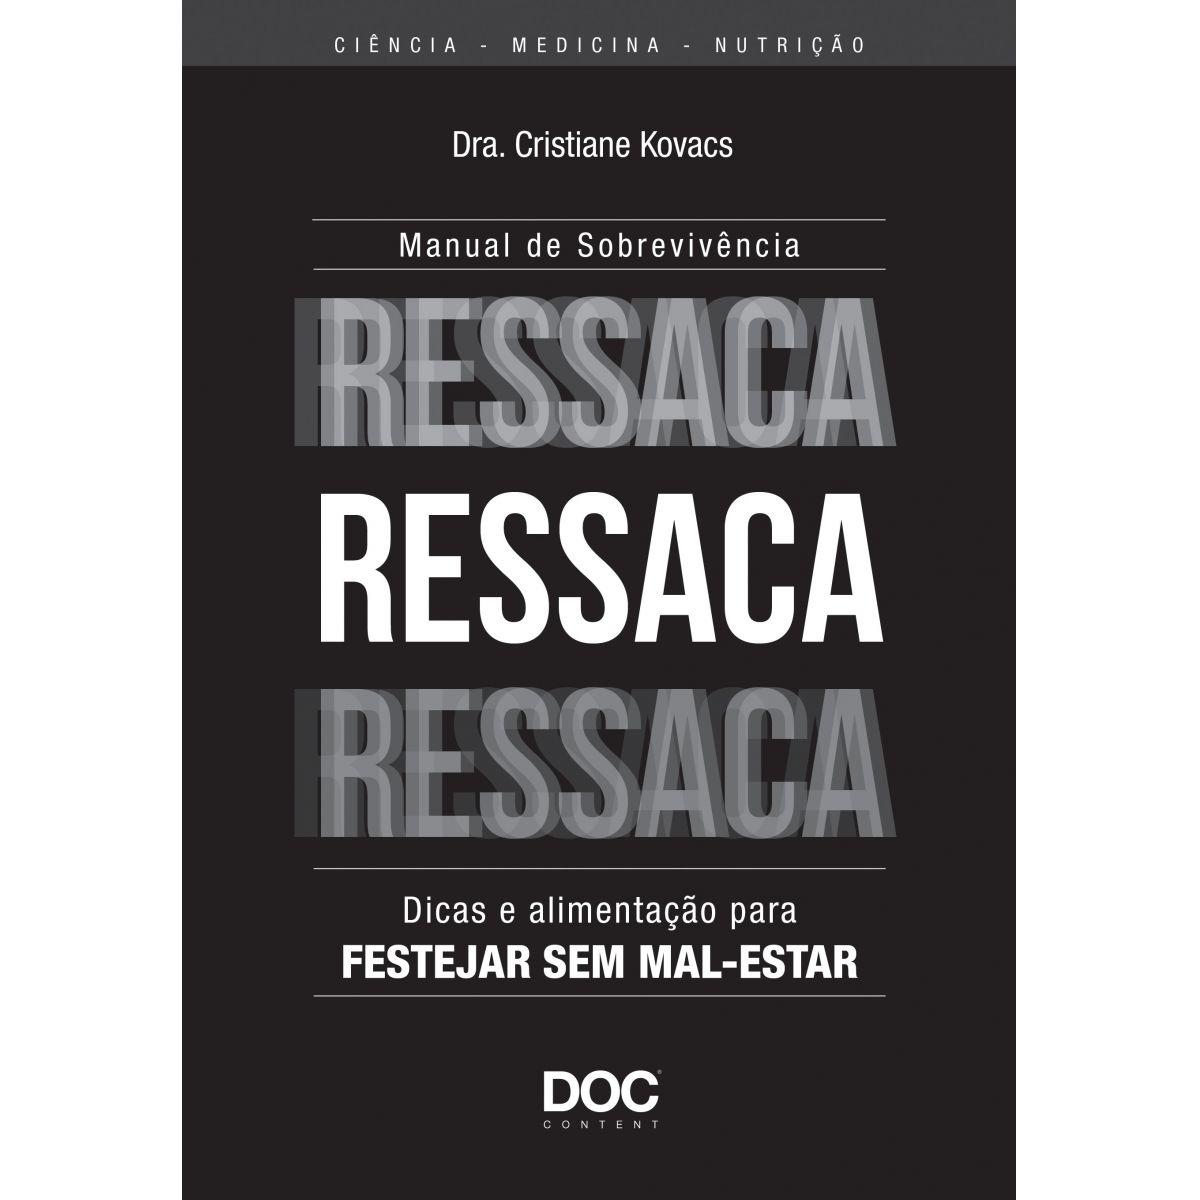 RESSACA: Manual de Sobrevivência - Dicas e Alimentação para Festejar sem Mal-Estar  - DOC Content Webstore